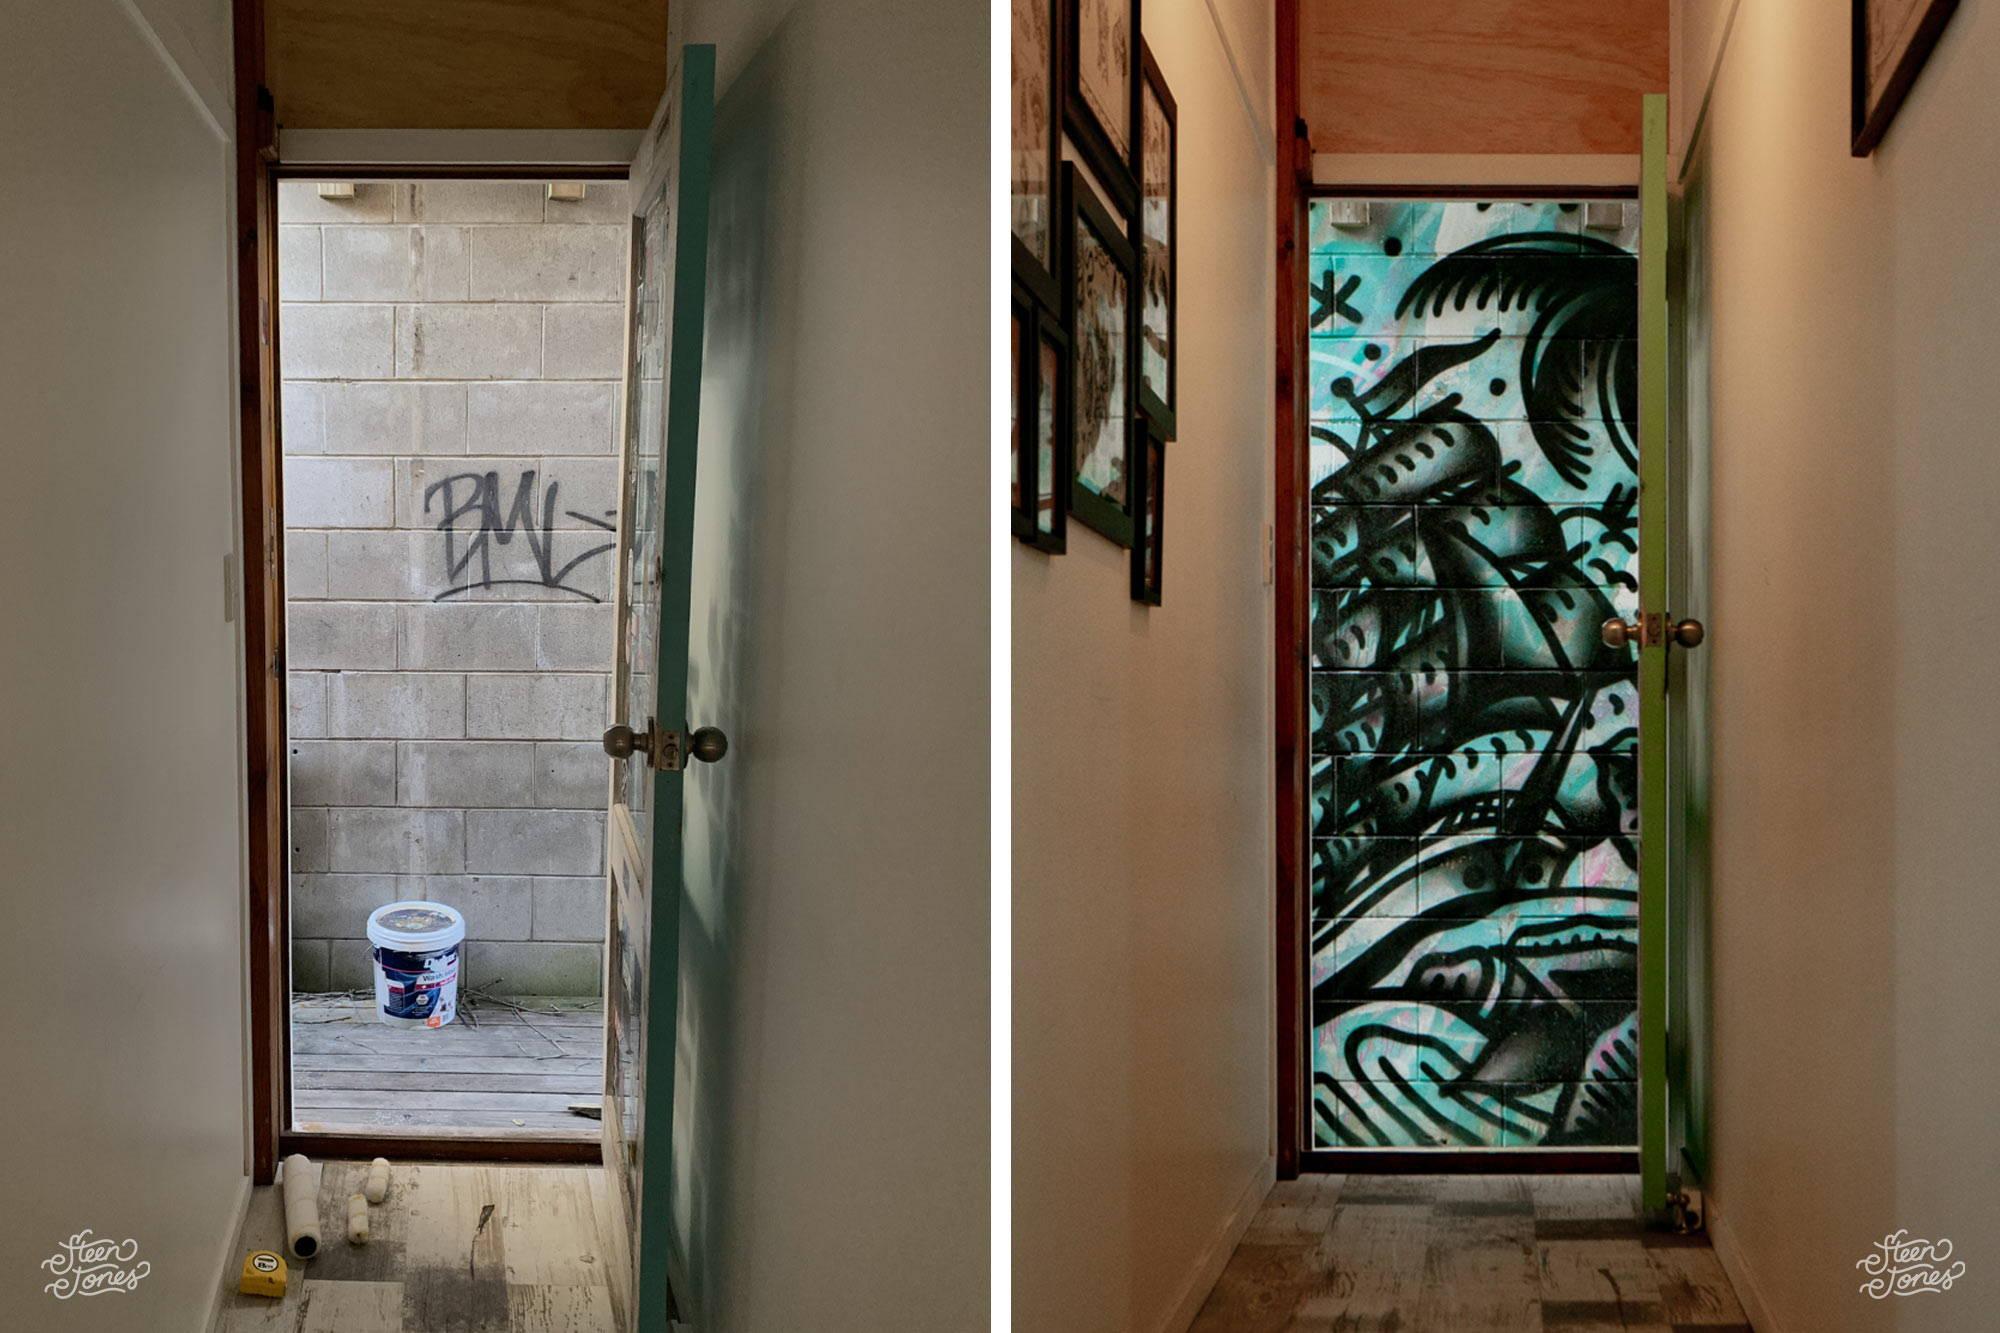 Steen Jones Tattoo Street Artist Australia Three Dice Tattoo Shop Alleyway Mural New Zealand